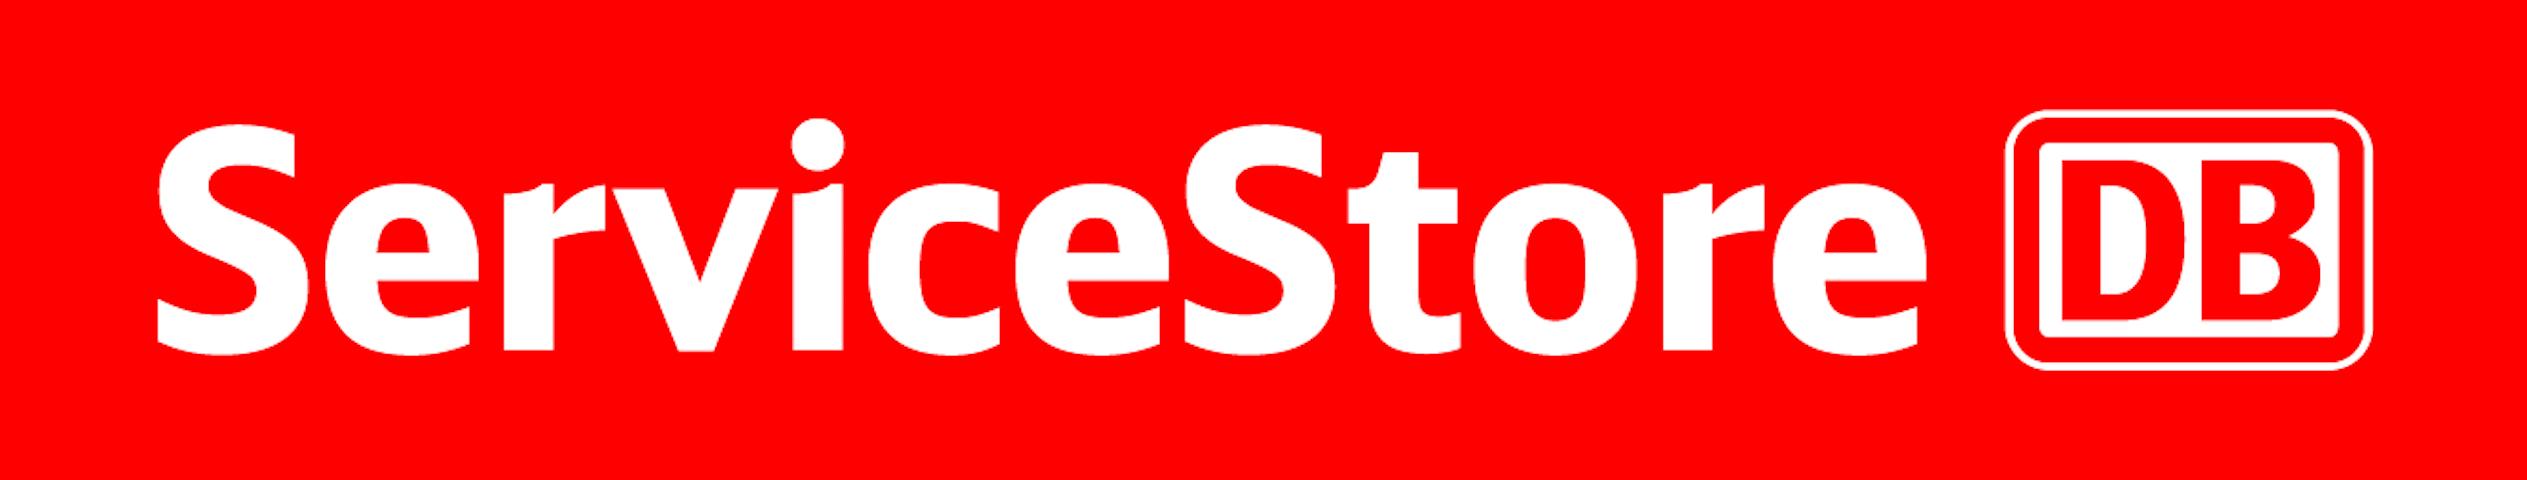 ServiceStore DB - Bahnhof Lichterfelde Ost